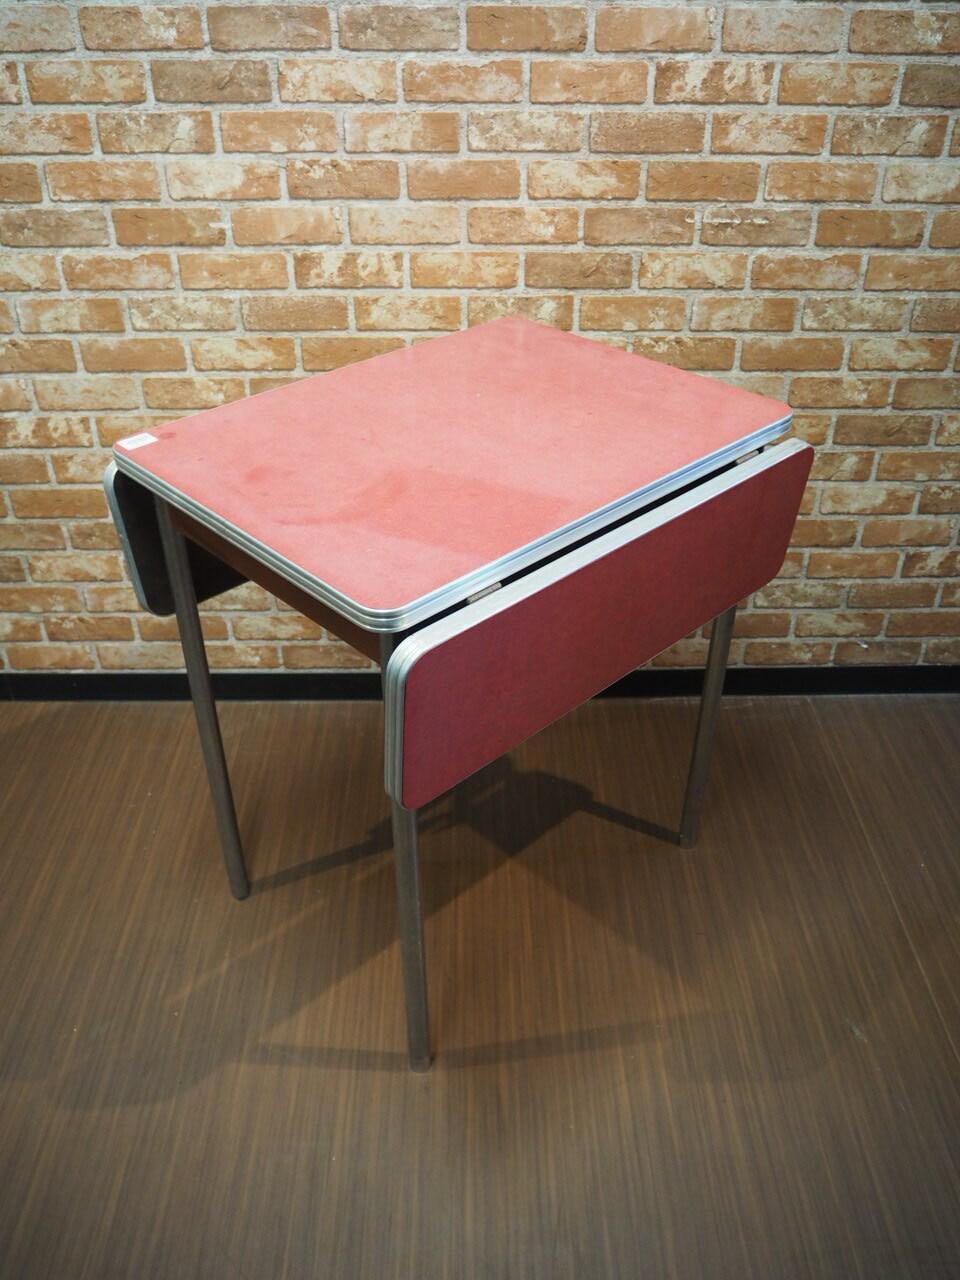 品番0706 折り畳み式テーブル / Folding Leaf Table